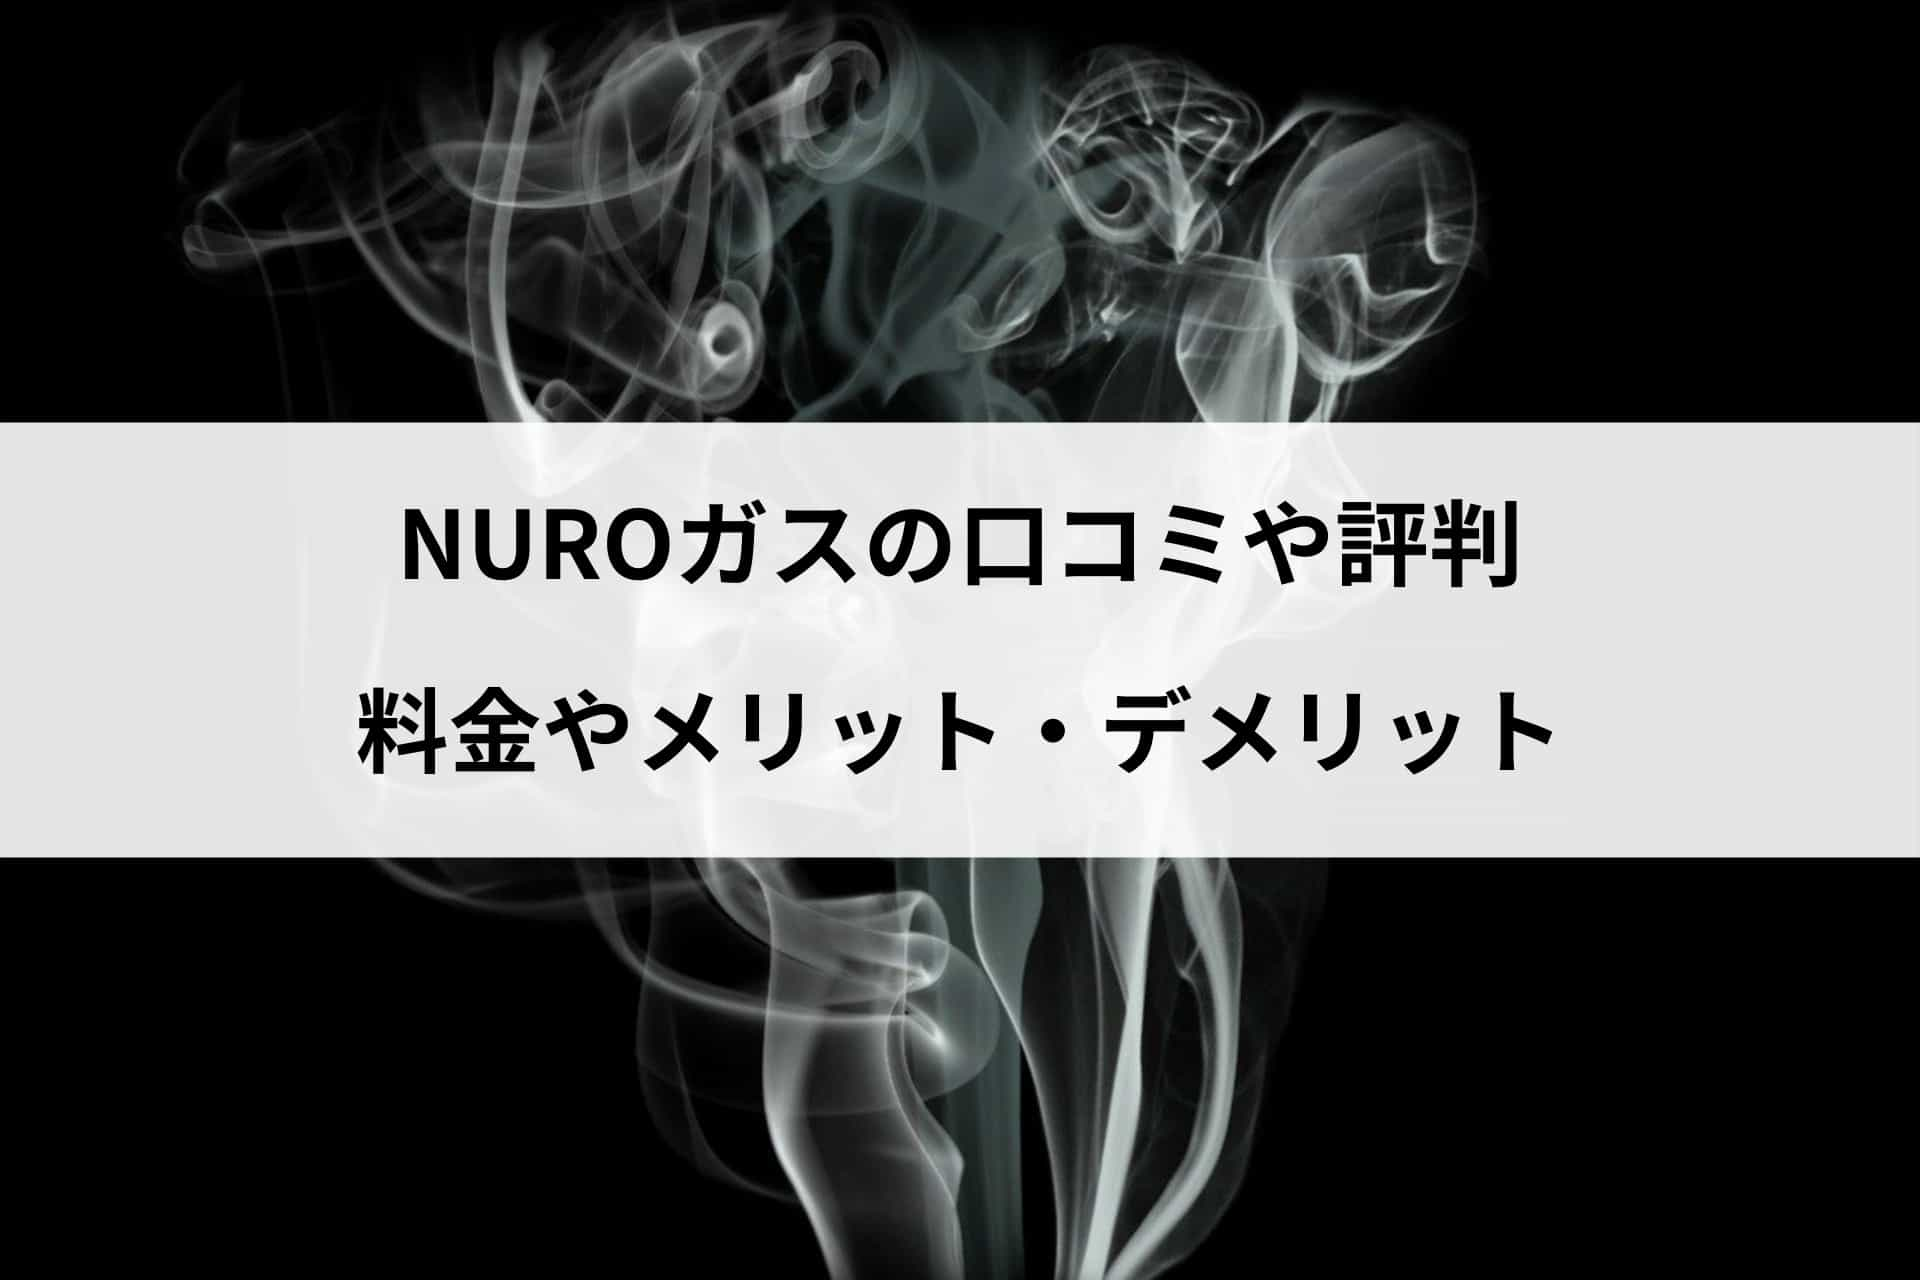 NUROガスの口コミや評判|東京ガスと比較して高い?料金プランやデメリット、セット割の詳細まで解説!